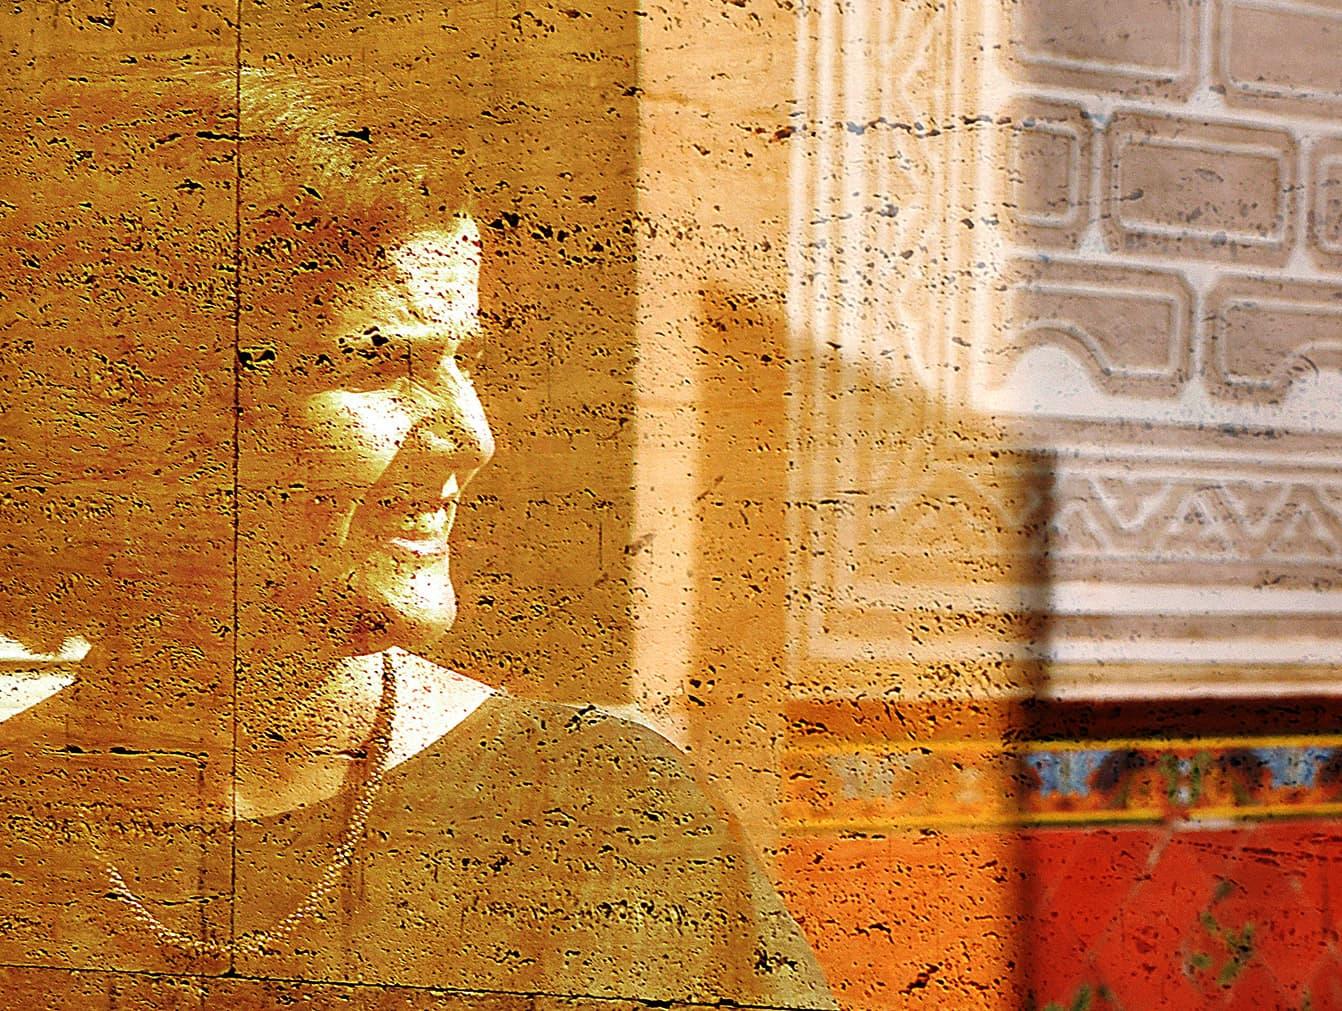 Judit Carrera reflectida a la paret de vidre del CCCB. Fotografia de Xavier Jubierre.